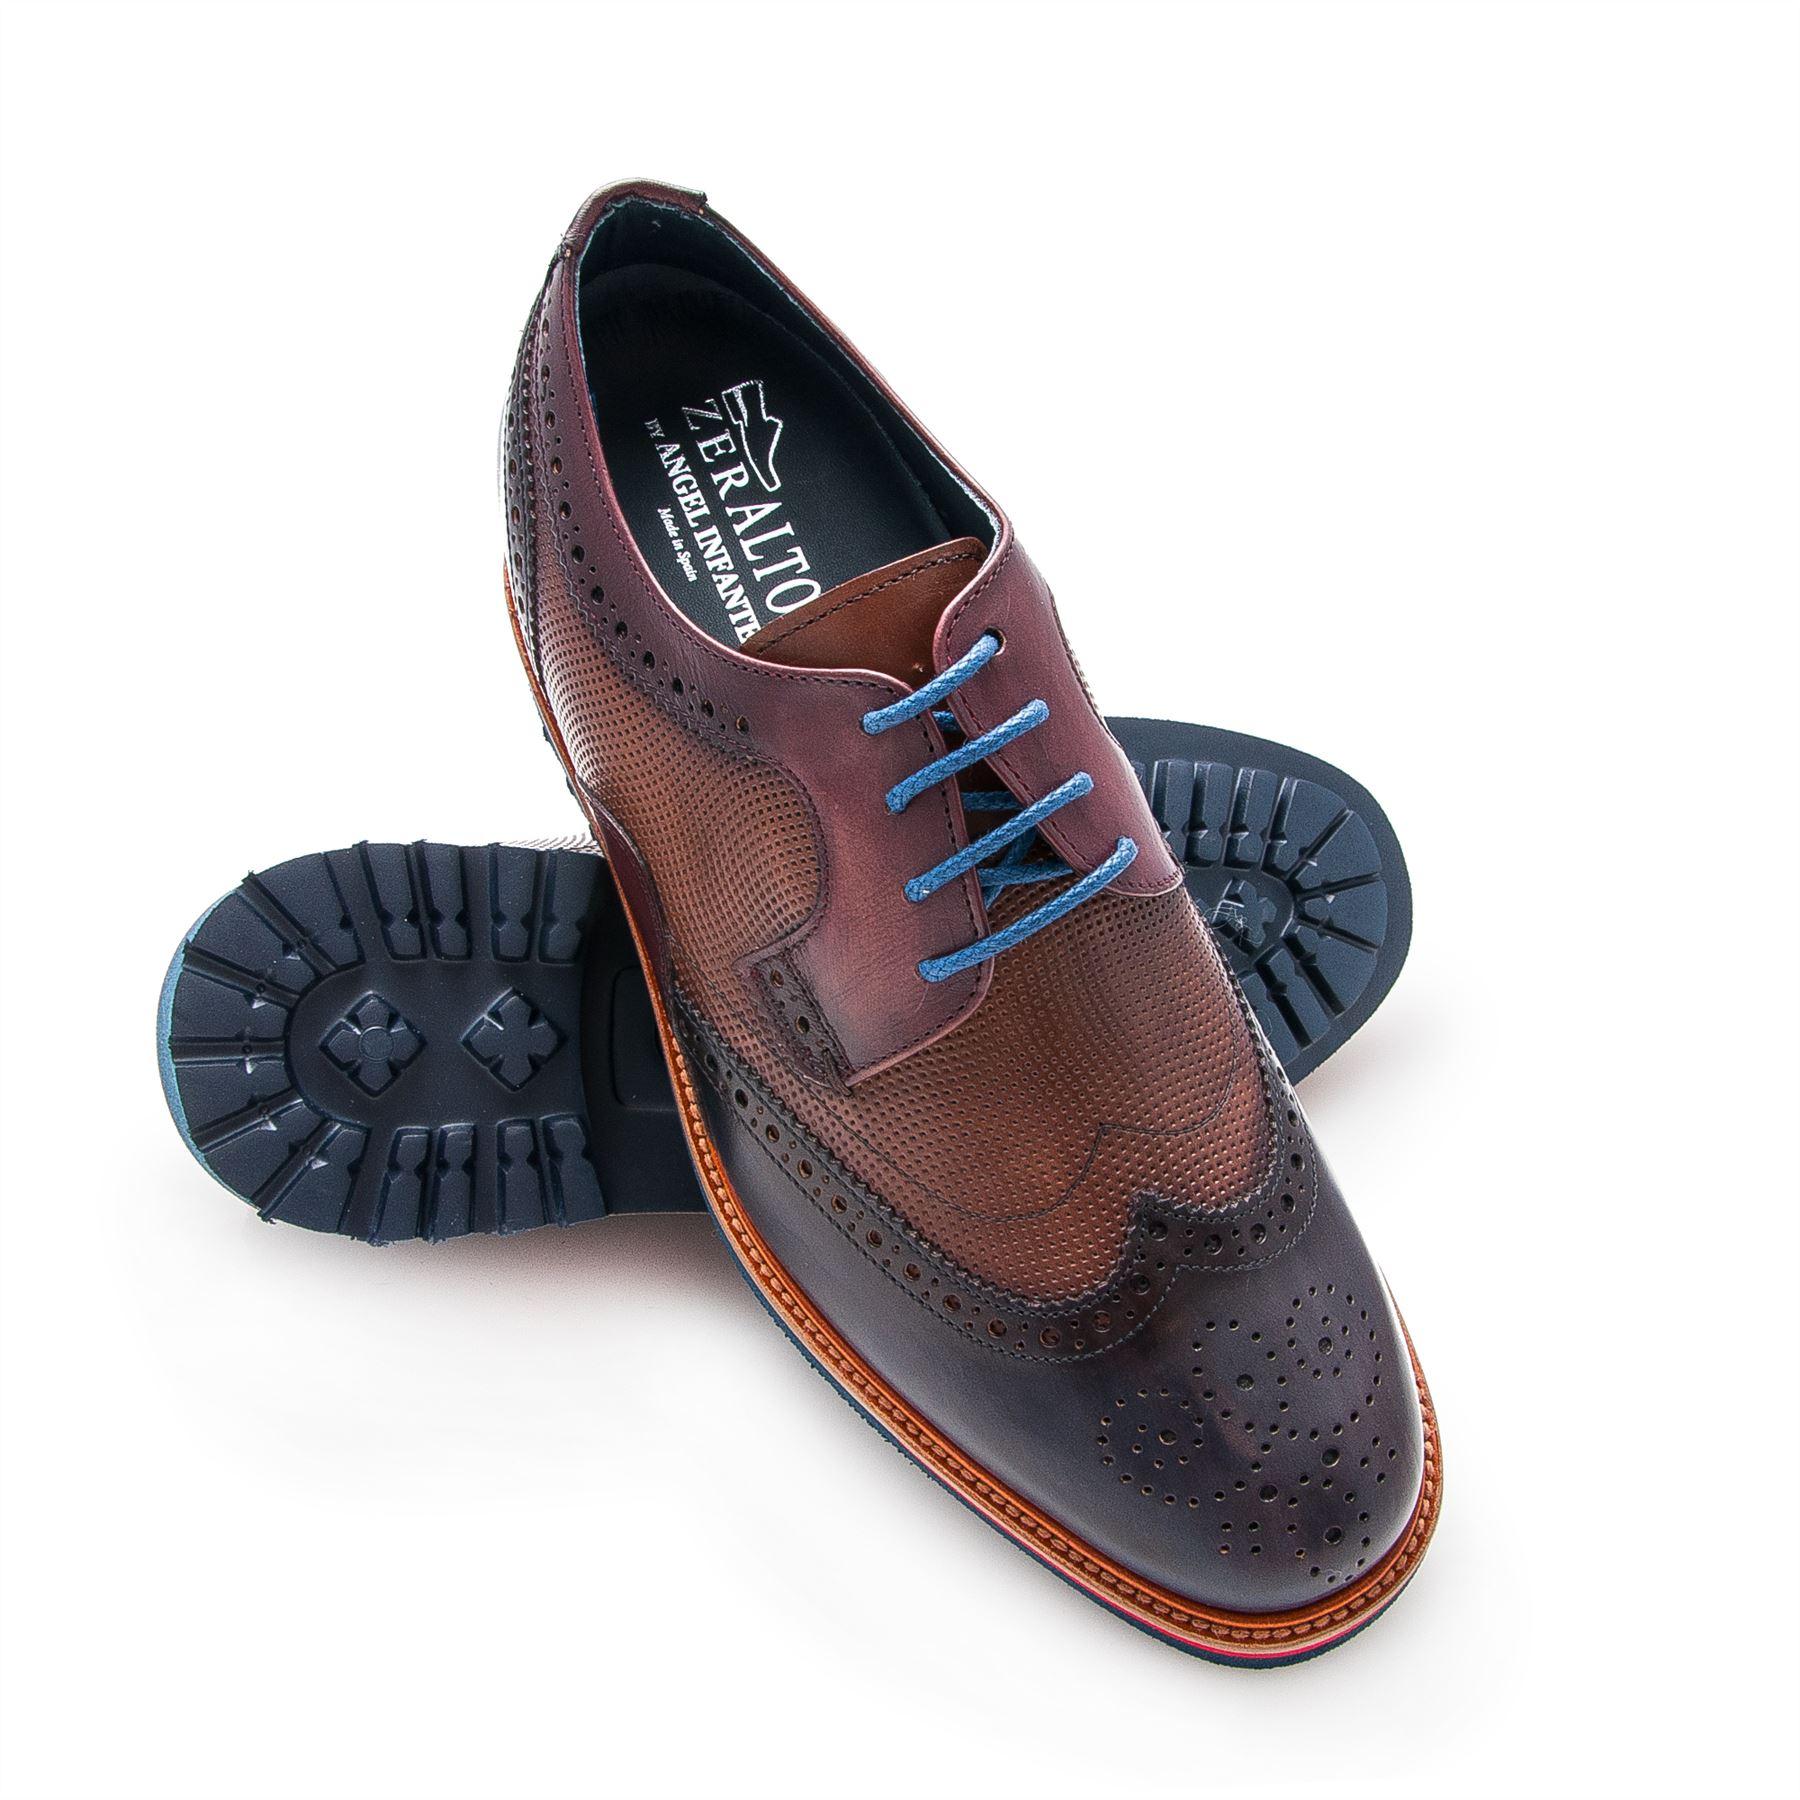 d8724de6 La imagen se está cargando Zerimar-Zapatos-de-hombre -con-alzas-interiores-en-